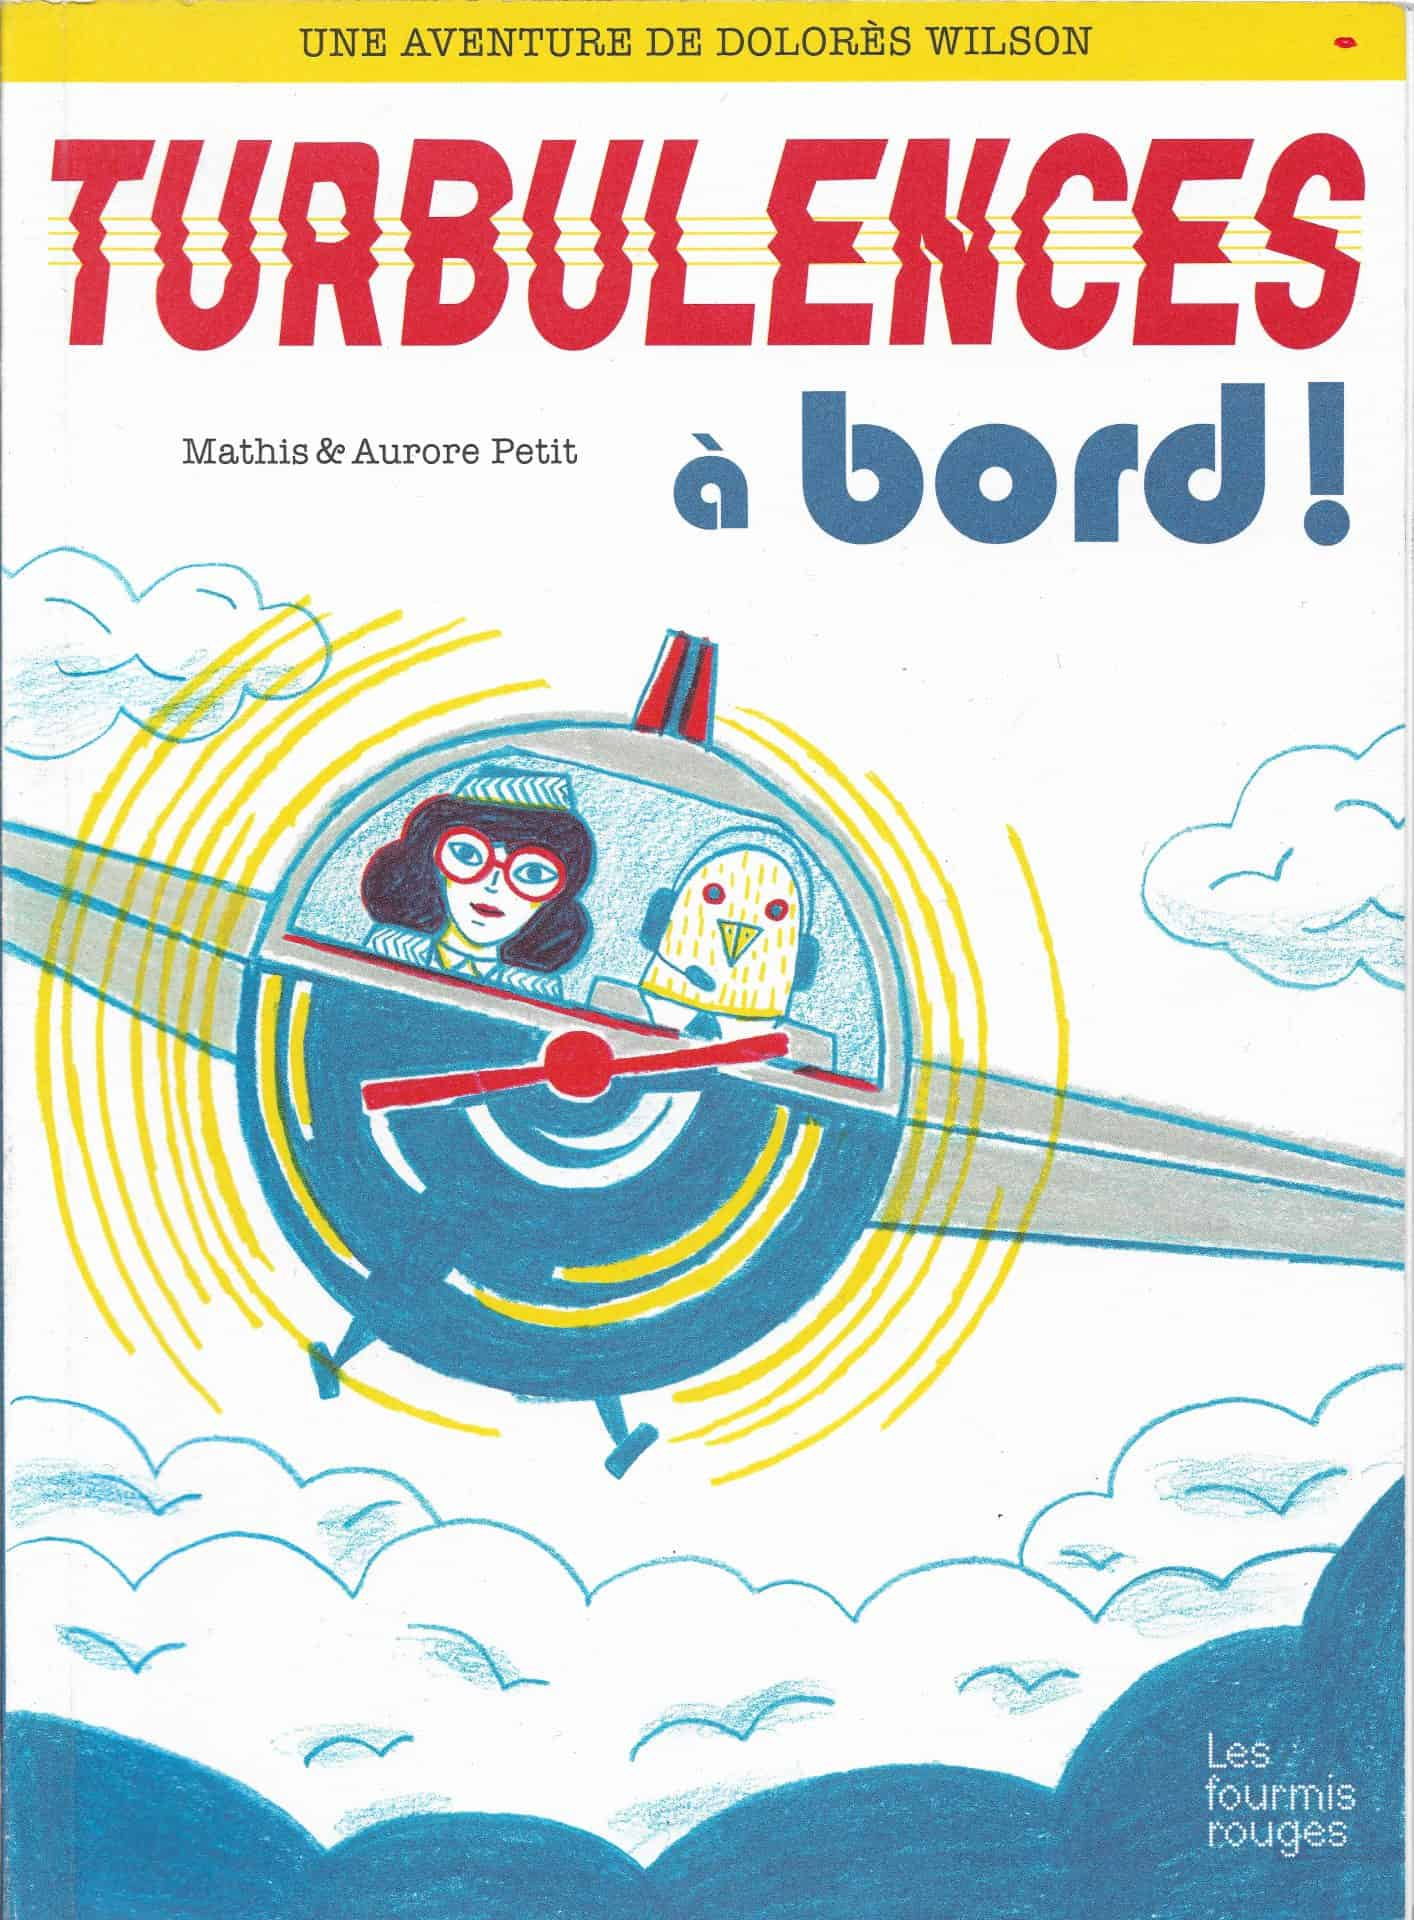 Couverture de Turbulences à bord ! - Mathis et Aurore Petit